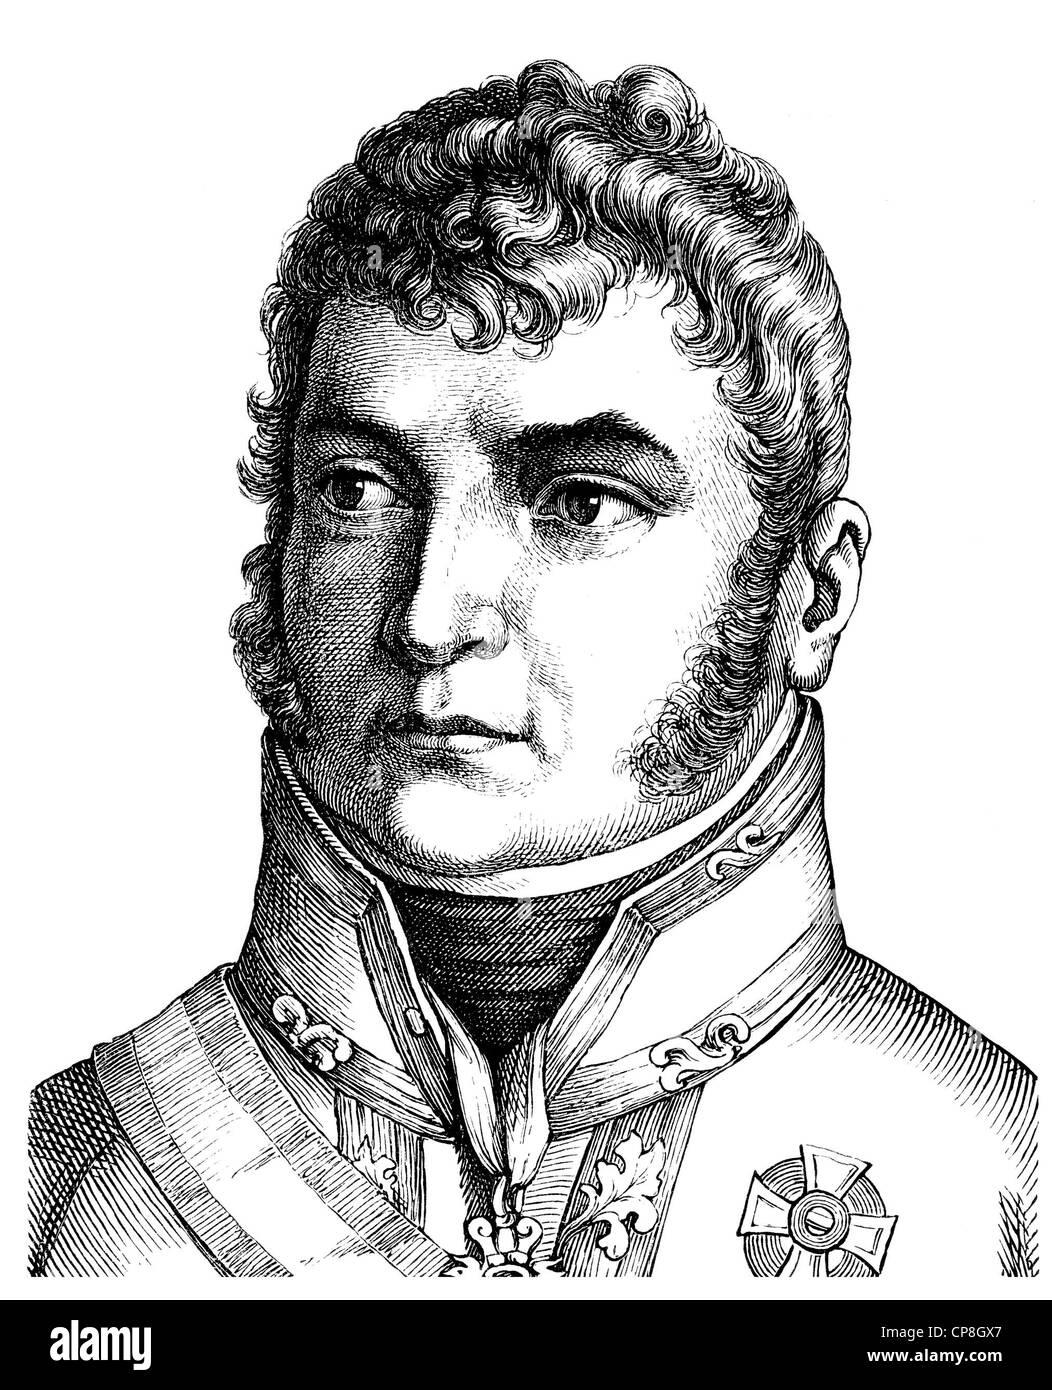 Karl Philipp Fuerst zu Schwarzenberg, 1771 - 1820, an Austrian field marshal and ambassador in Paris, Historische - Stock Image